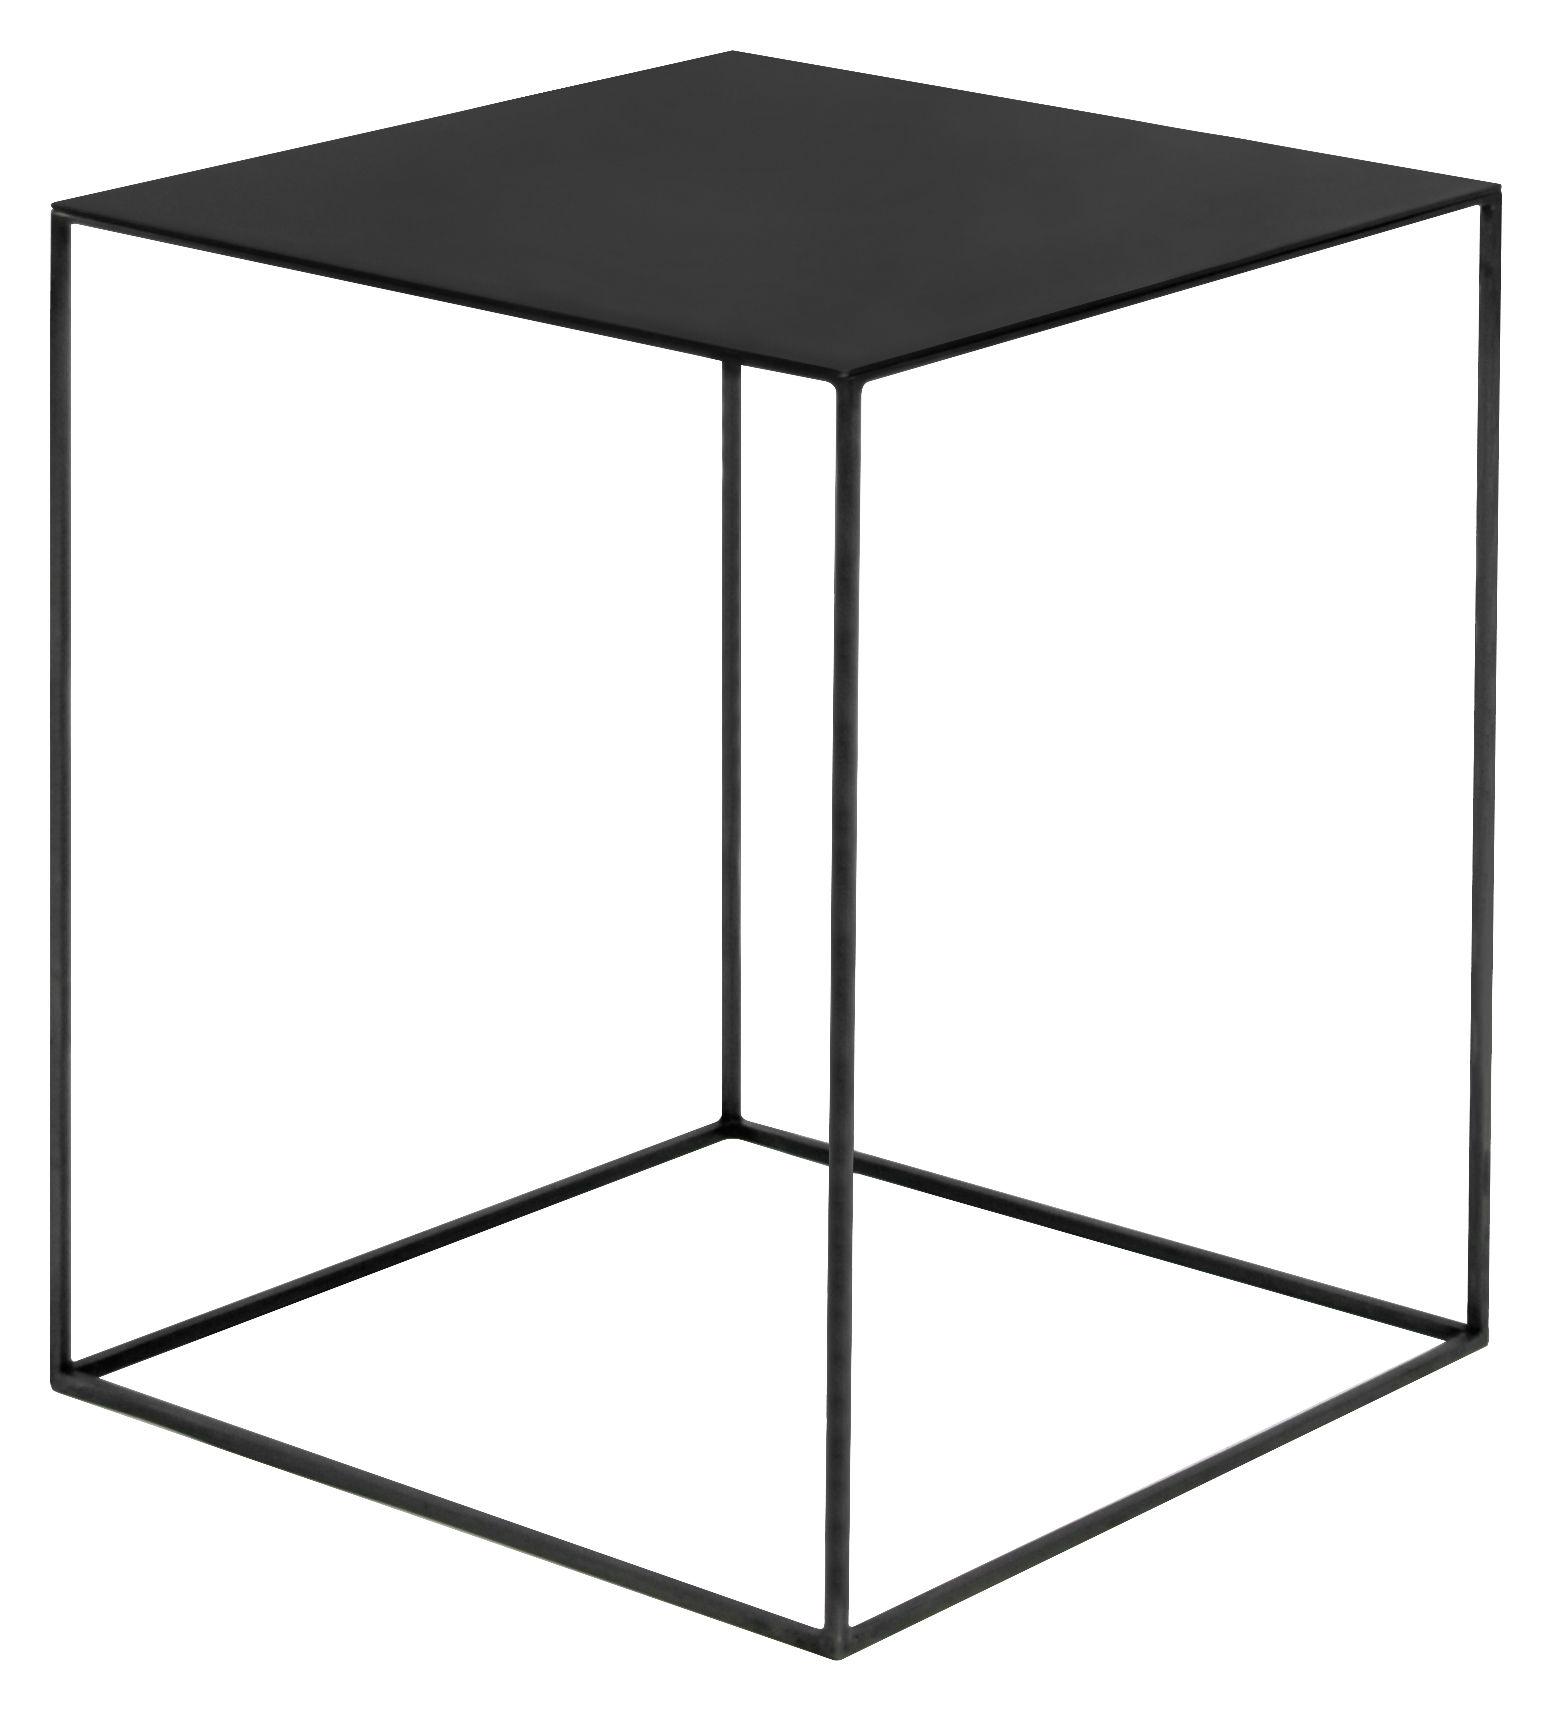 Mobilier - Tables basses - Table basse Slim Irony / 41 x 41 x H 64 cm - Zeus - Plateau phosphaté noir / Pied noir cuivré - Acier